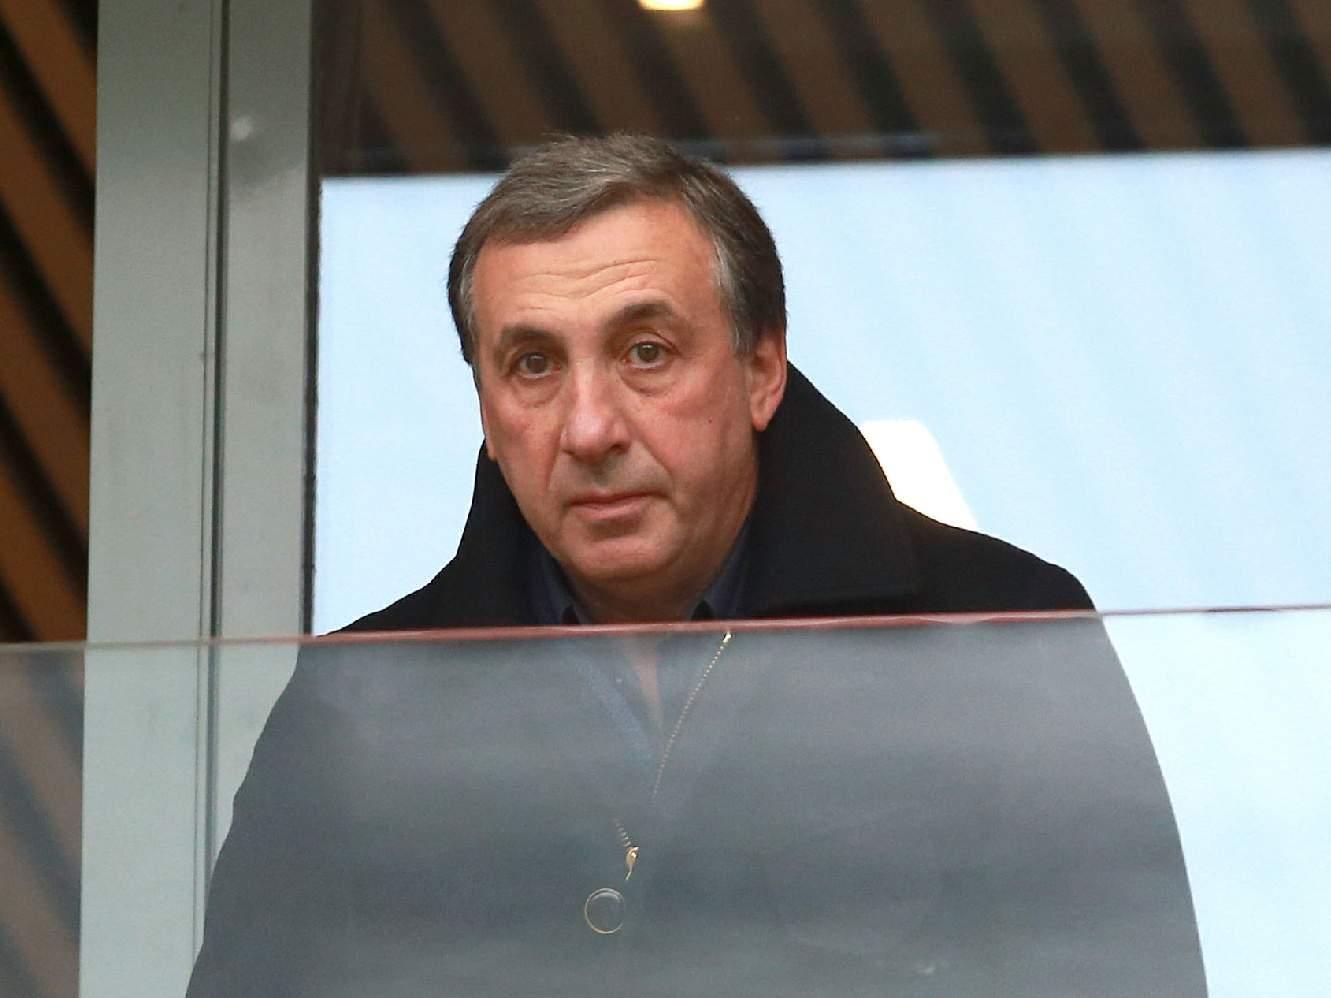 ЦСКА выступил с официальным заявлением на фоне слухов